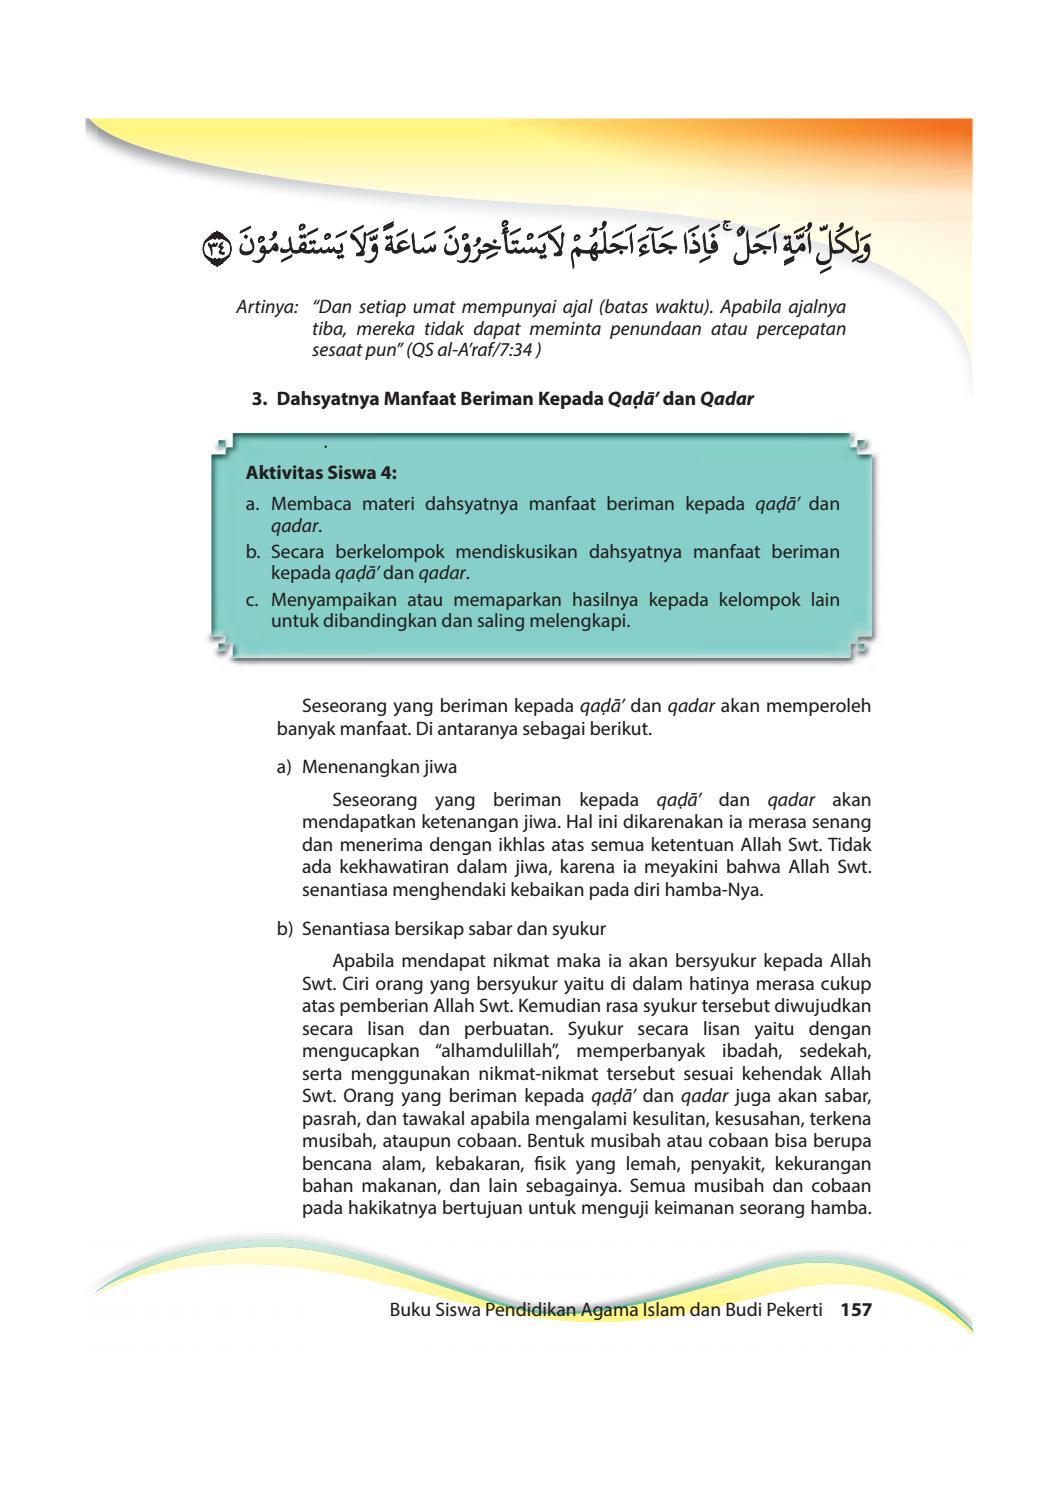 Manfaat Beriman Kepada Allah : manfaat, beriman, kepada, allah, Kelas, Pendidikan, Agama, Islam, Pekerti, Siswa, Issuu